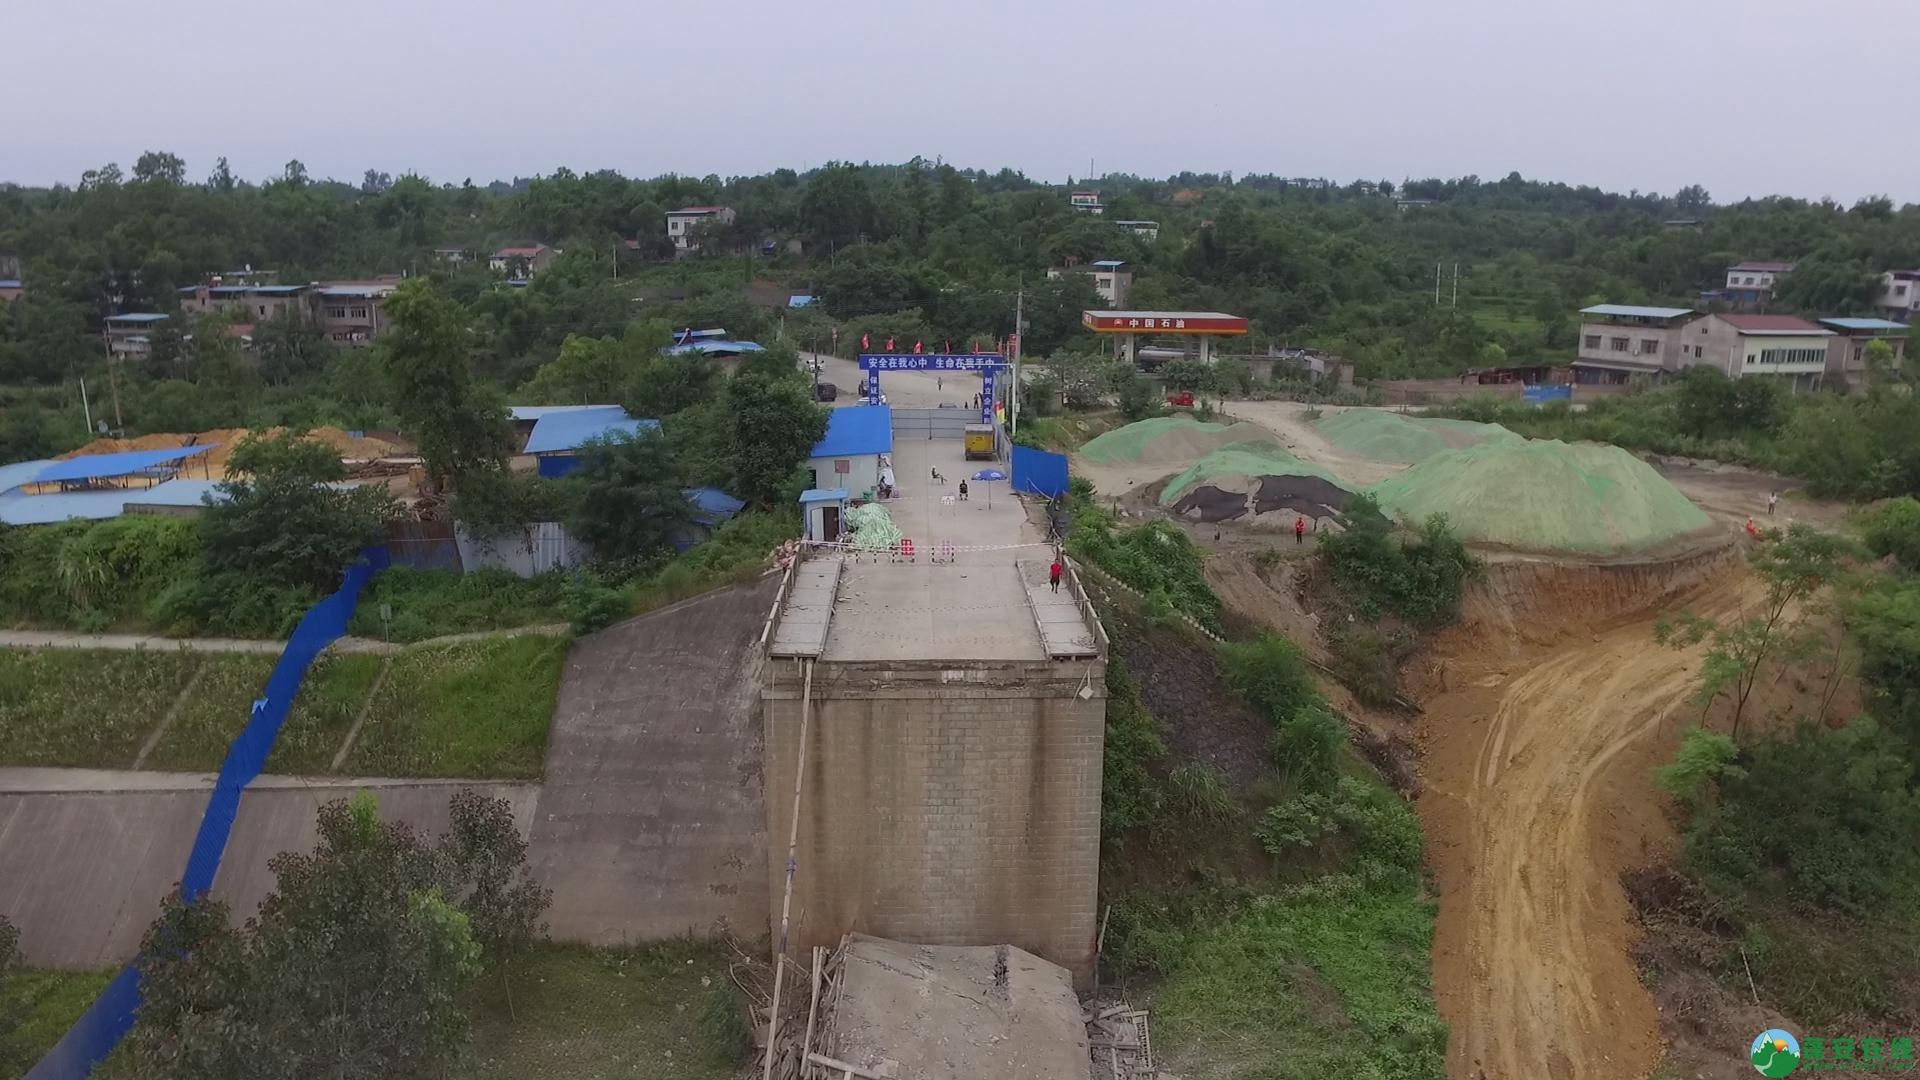 蓬安嘉陵江一桥成功爆破拆除 - 第4张  | 蓬安在线